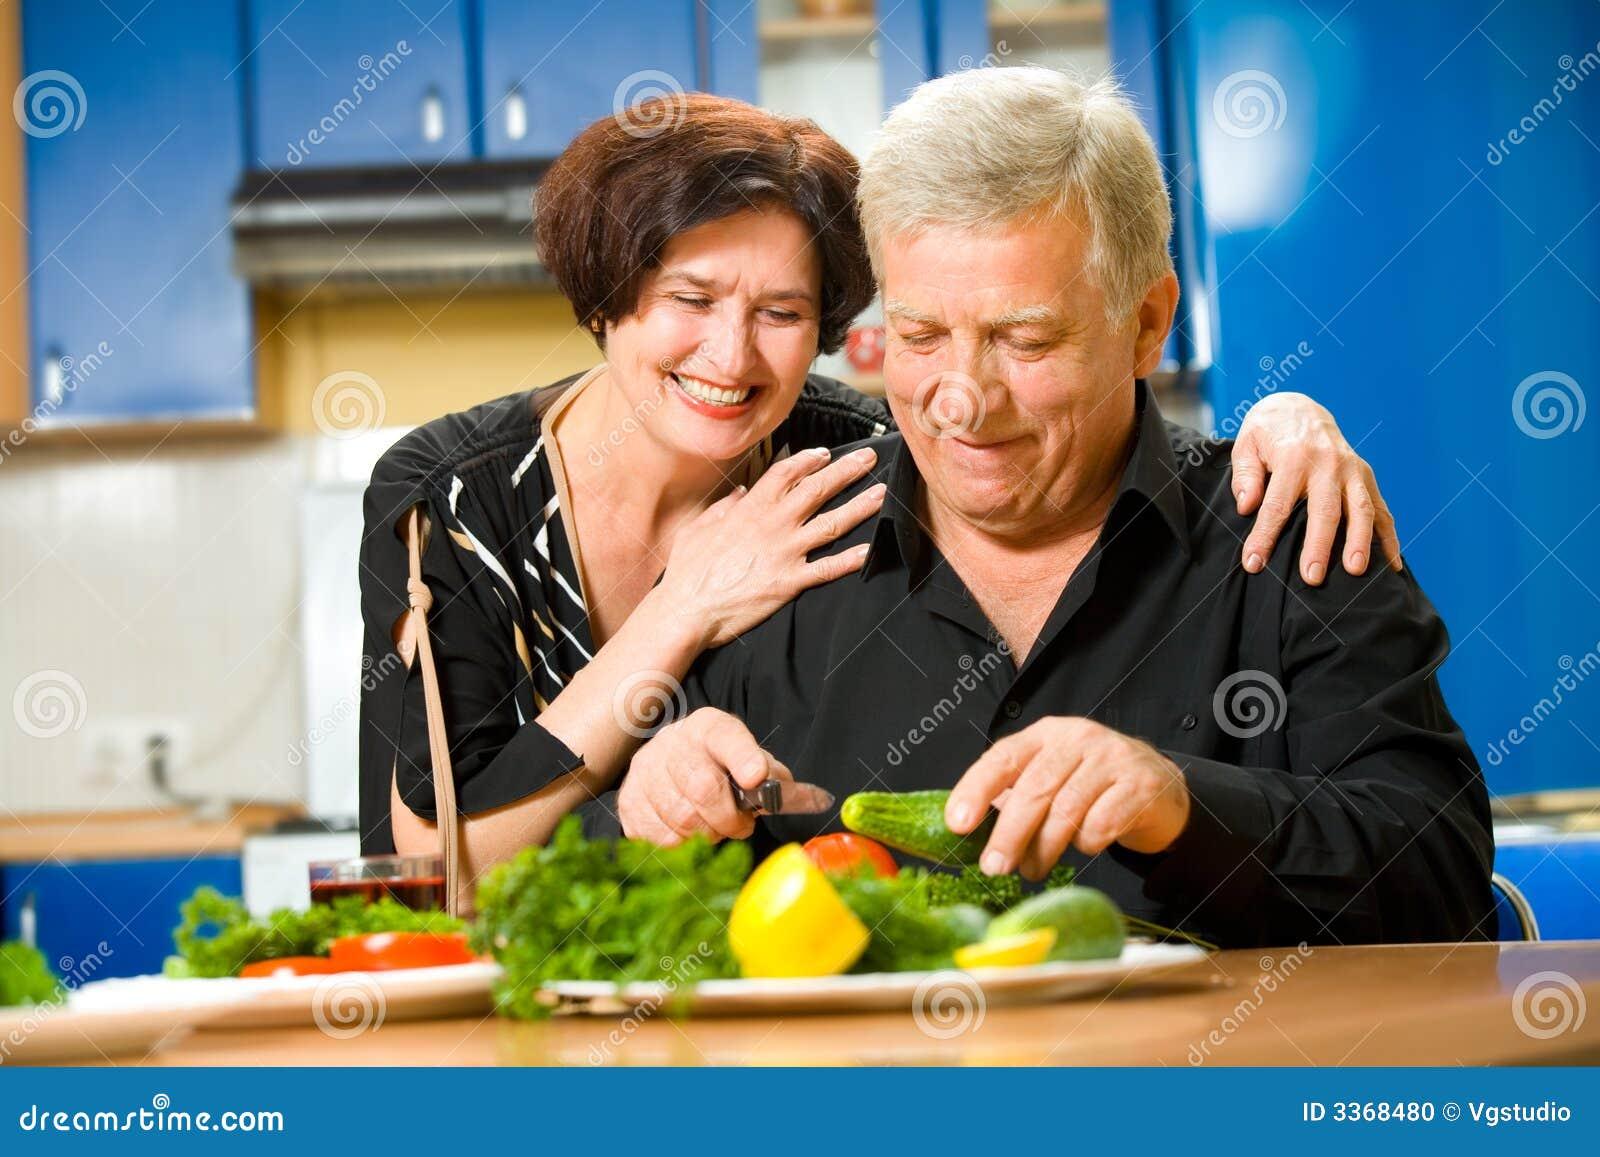 Kilka osób starszych kuchenne